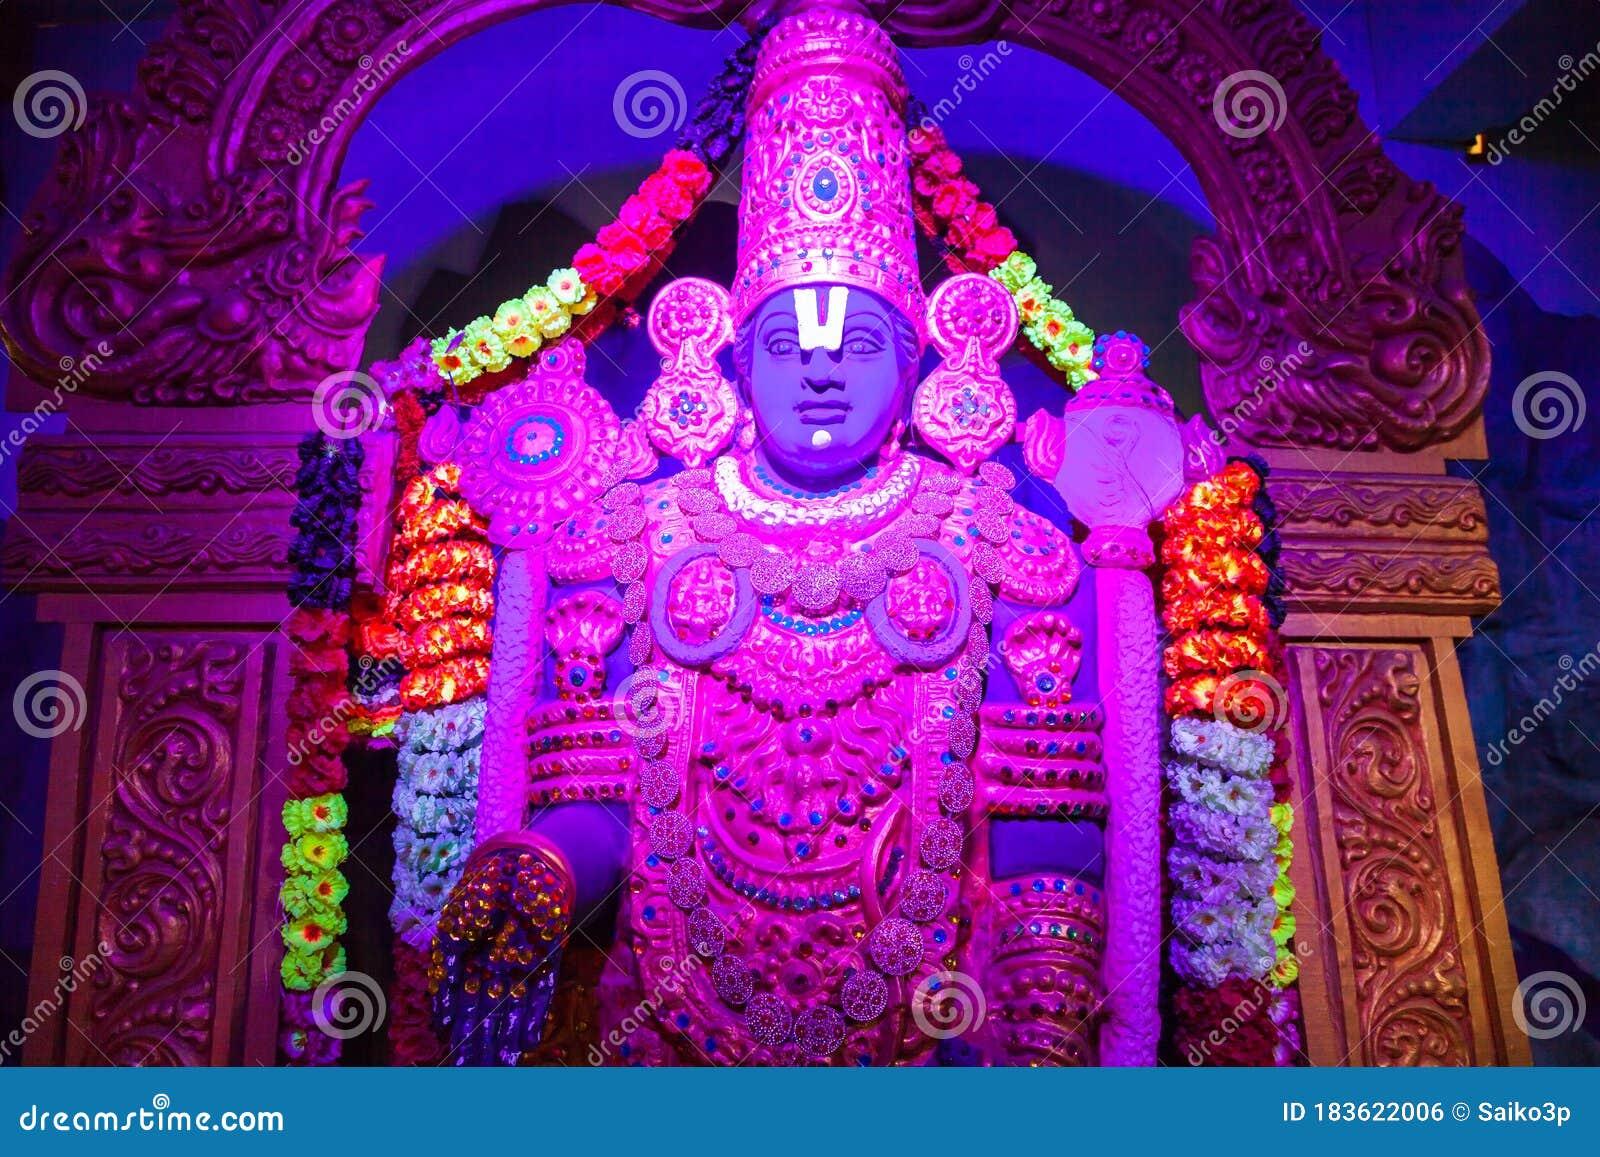 105 Srinivasa Photos Free Royalty Free Stock Photos From Dreamstime